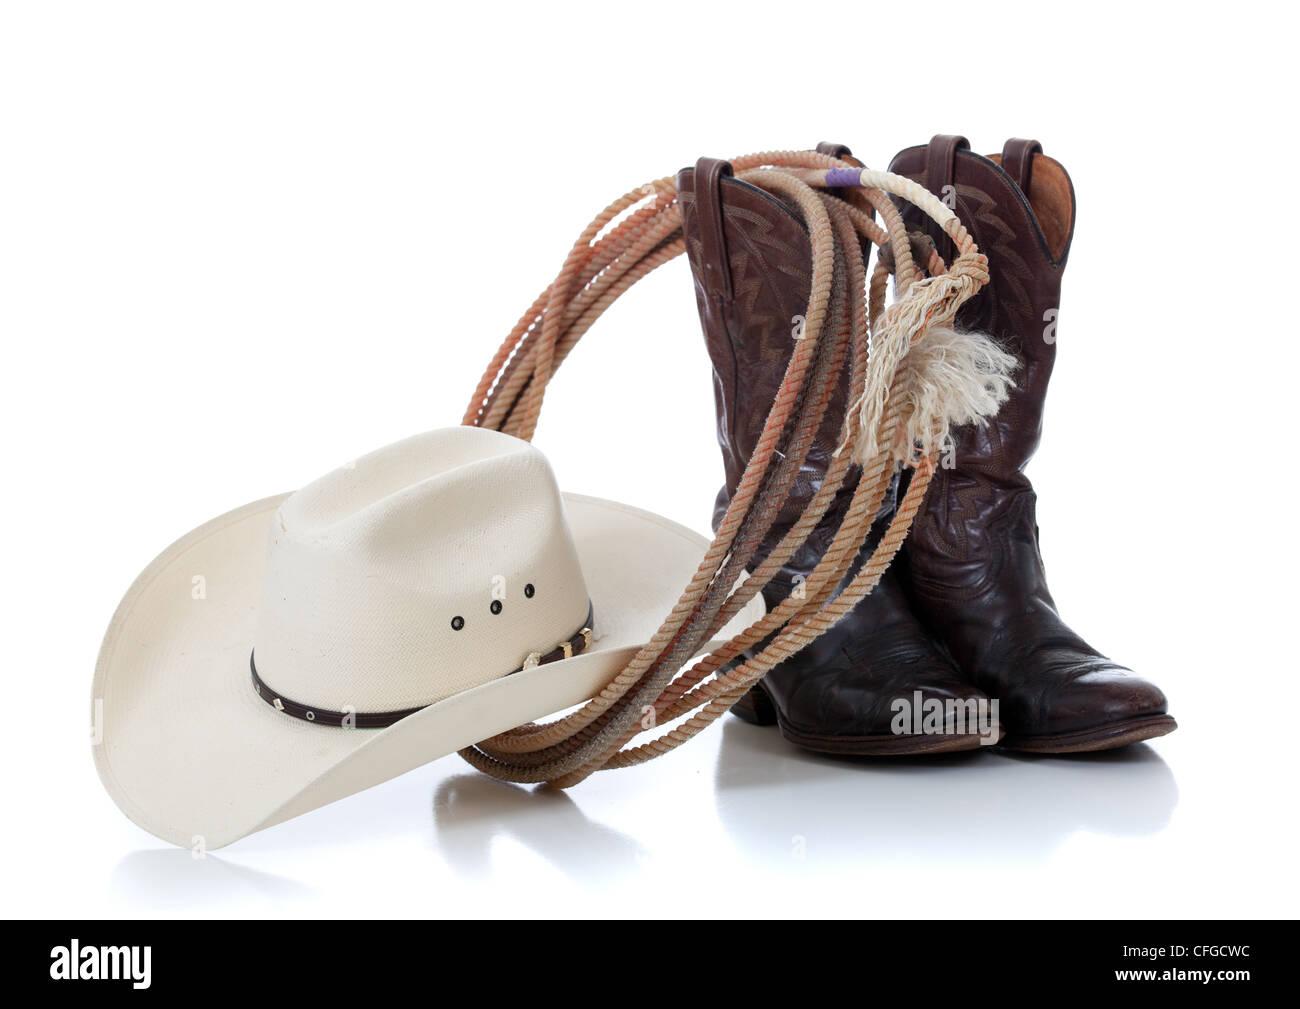 Un sombrero de vaquero blanco y botas de cuero marrón lariat sobre un fondo  blanco. dbc490a58aa